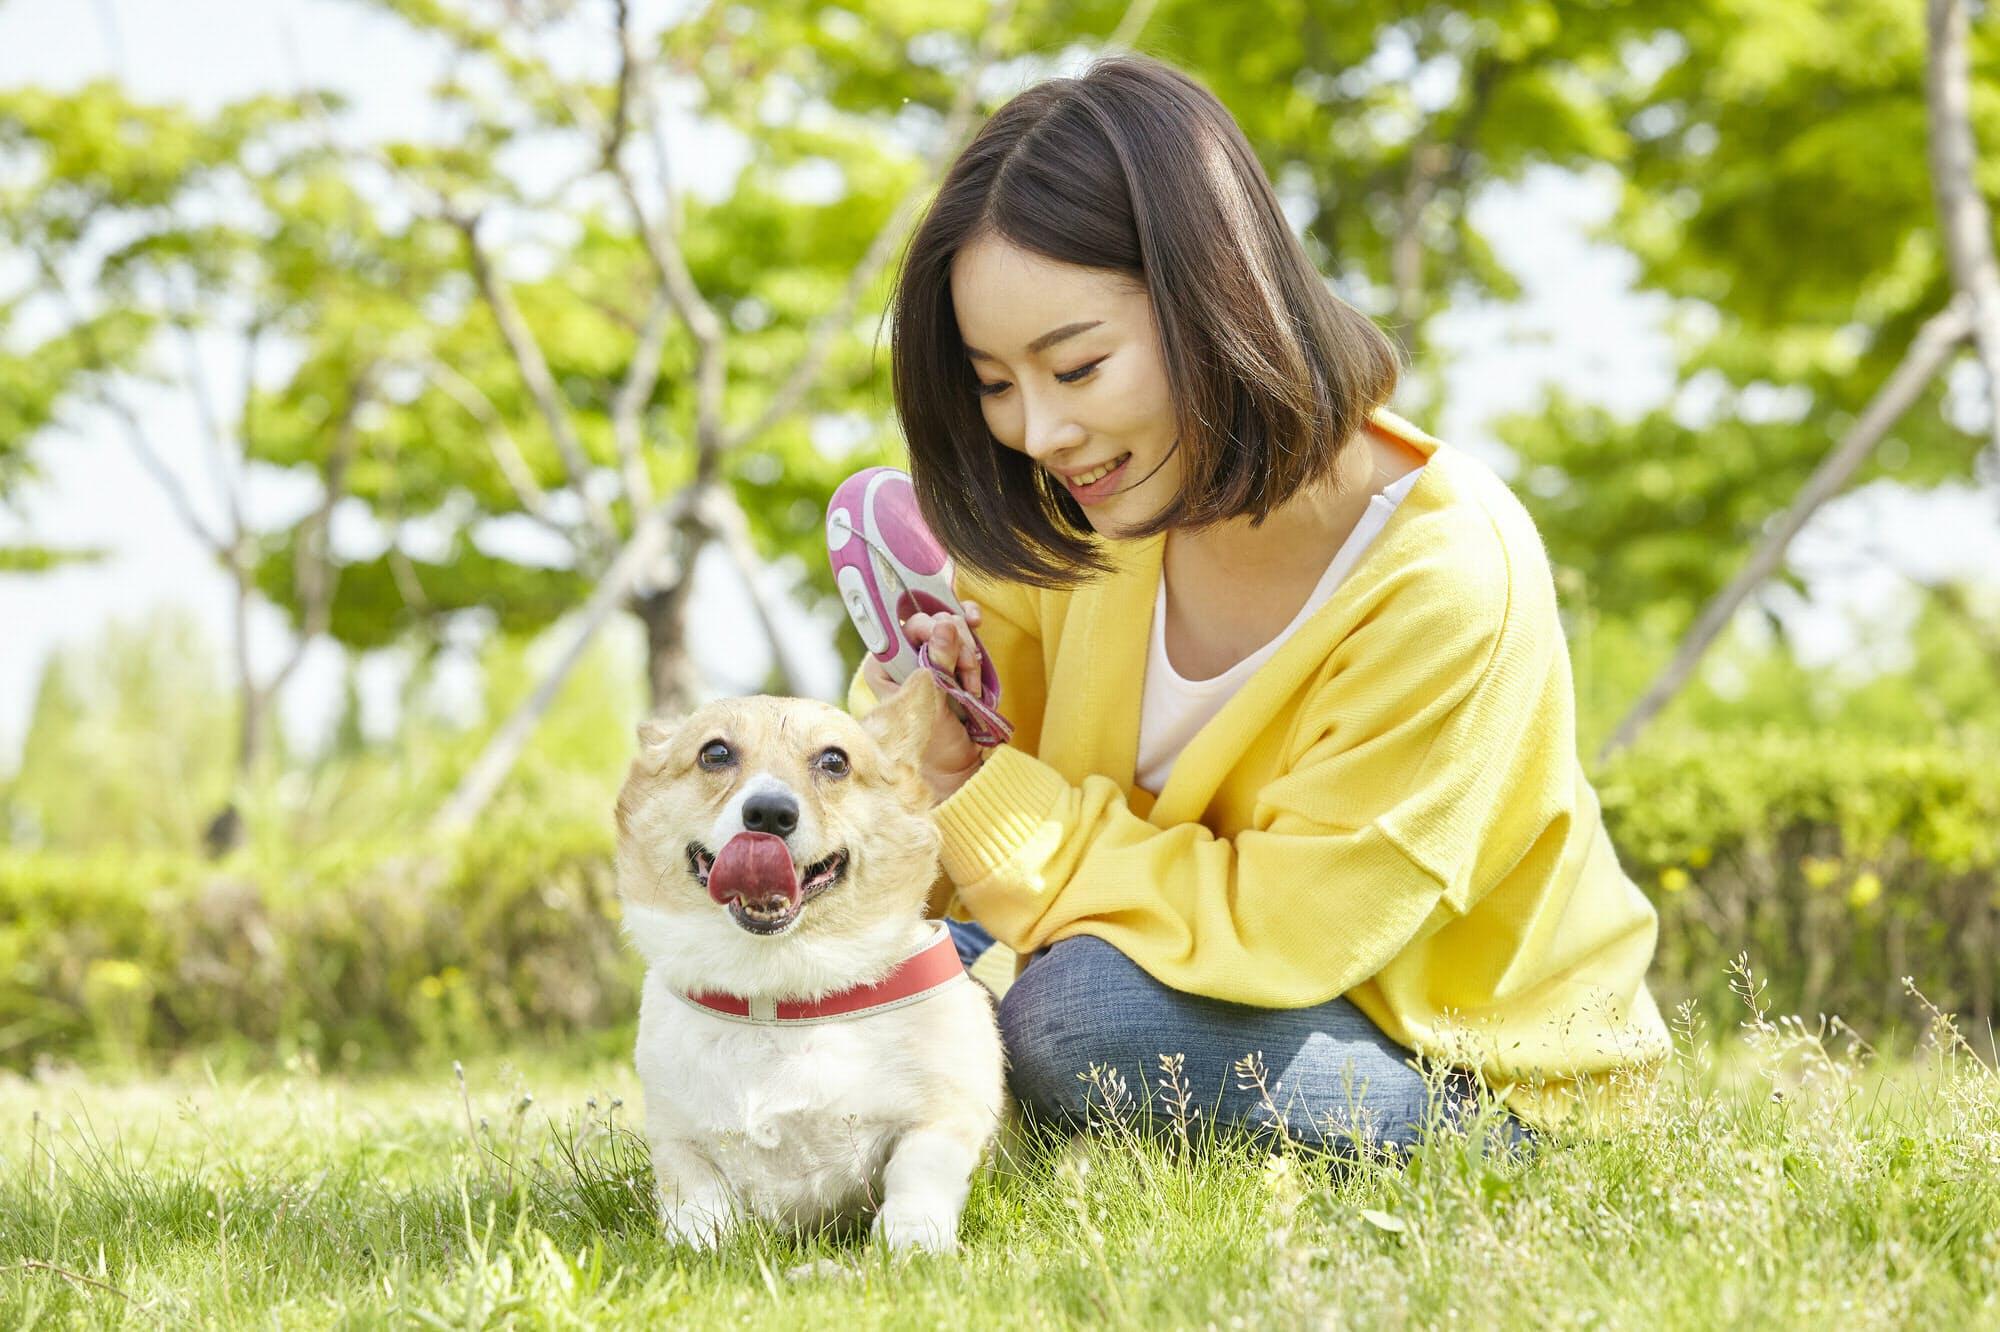 散歩 の サンドウィッチ 犬 マン